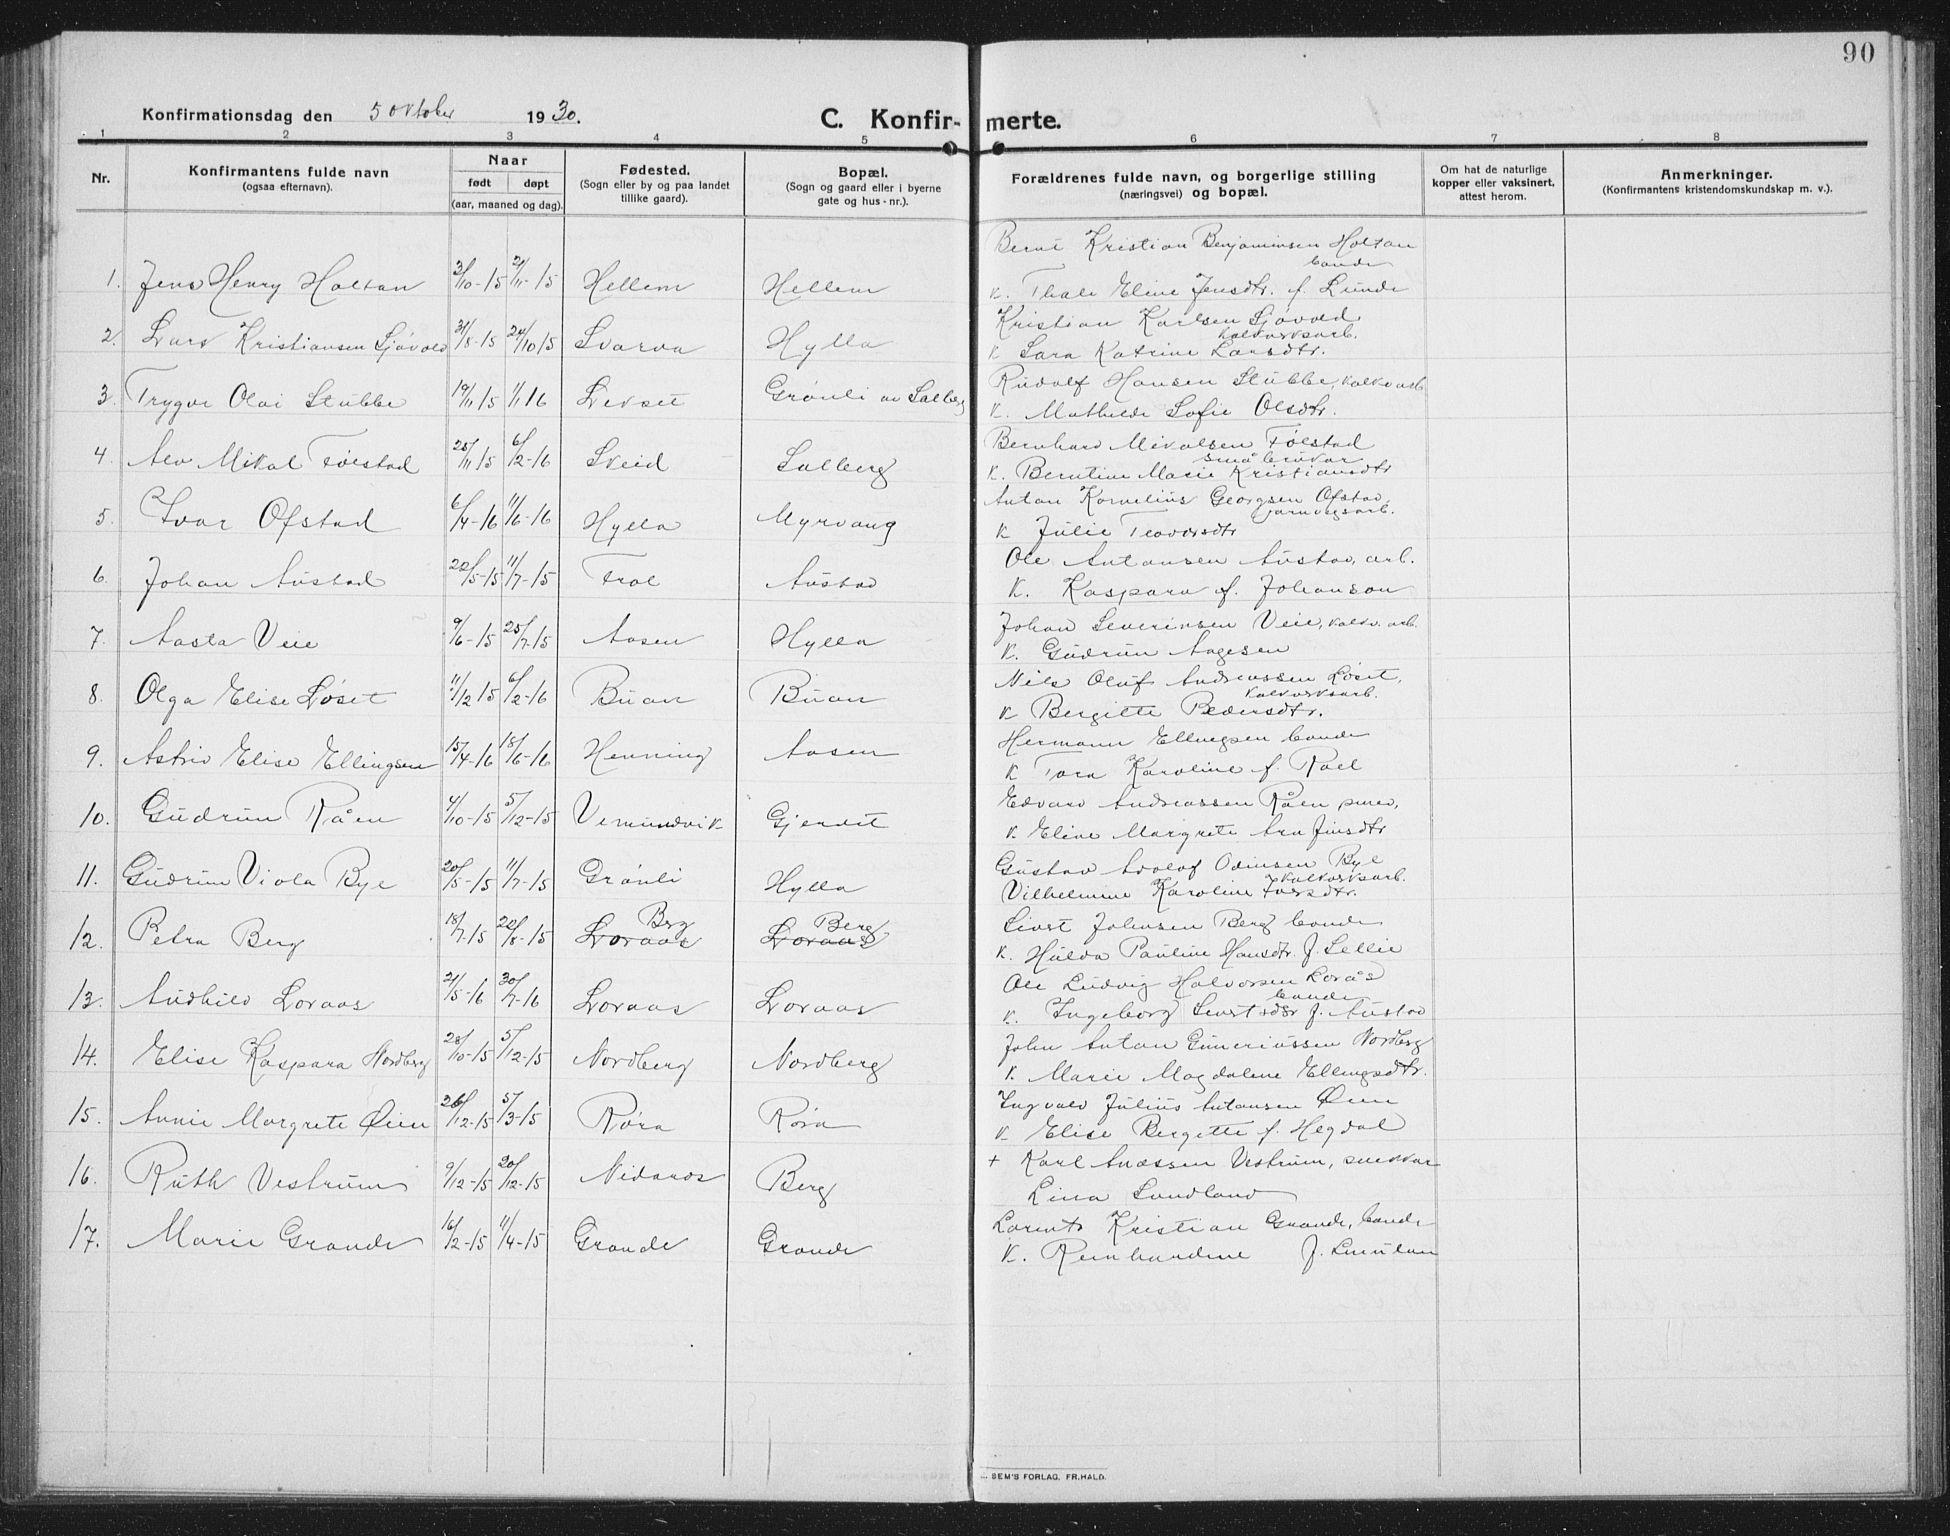 SAT, Ministerialprotokoller, klokkerbøker og fødselsregistre - Nord-Trøndelag, 731/L0312: Klokkerbok nr. 731C03, 1911-1935, s. 90